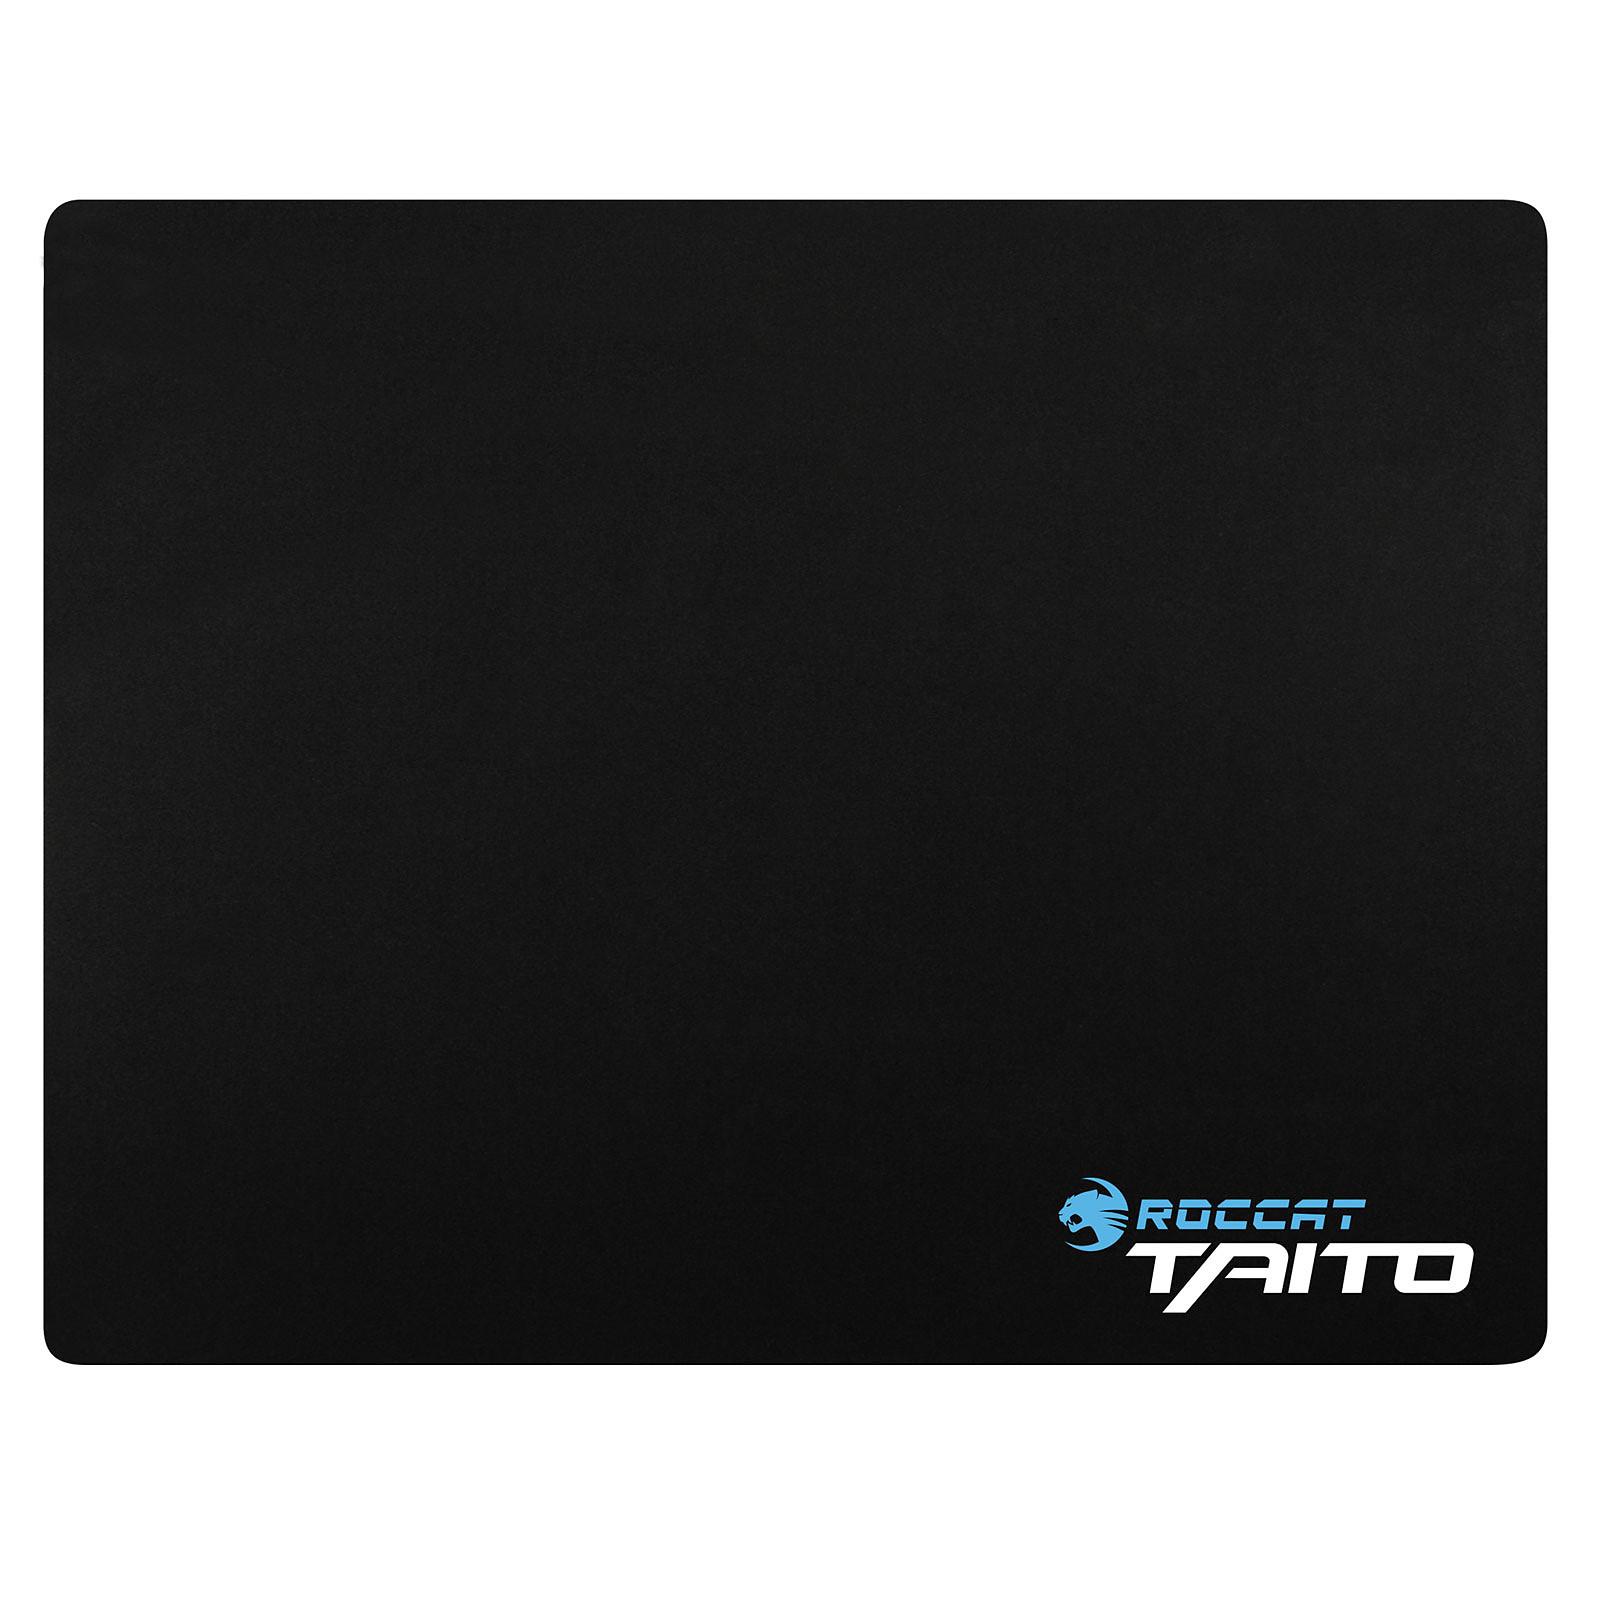 ROCCAT Taito 2017 (Mini-Size)